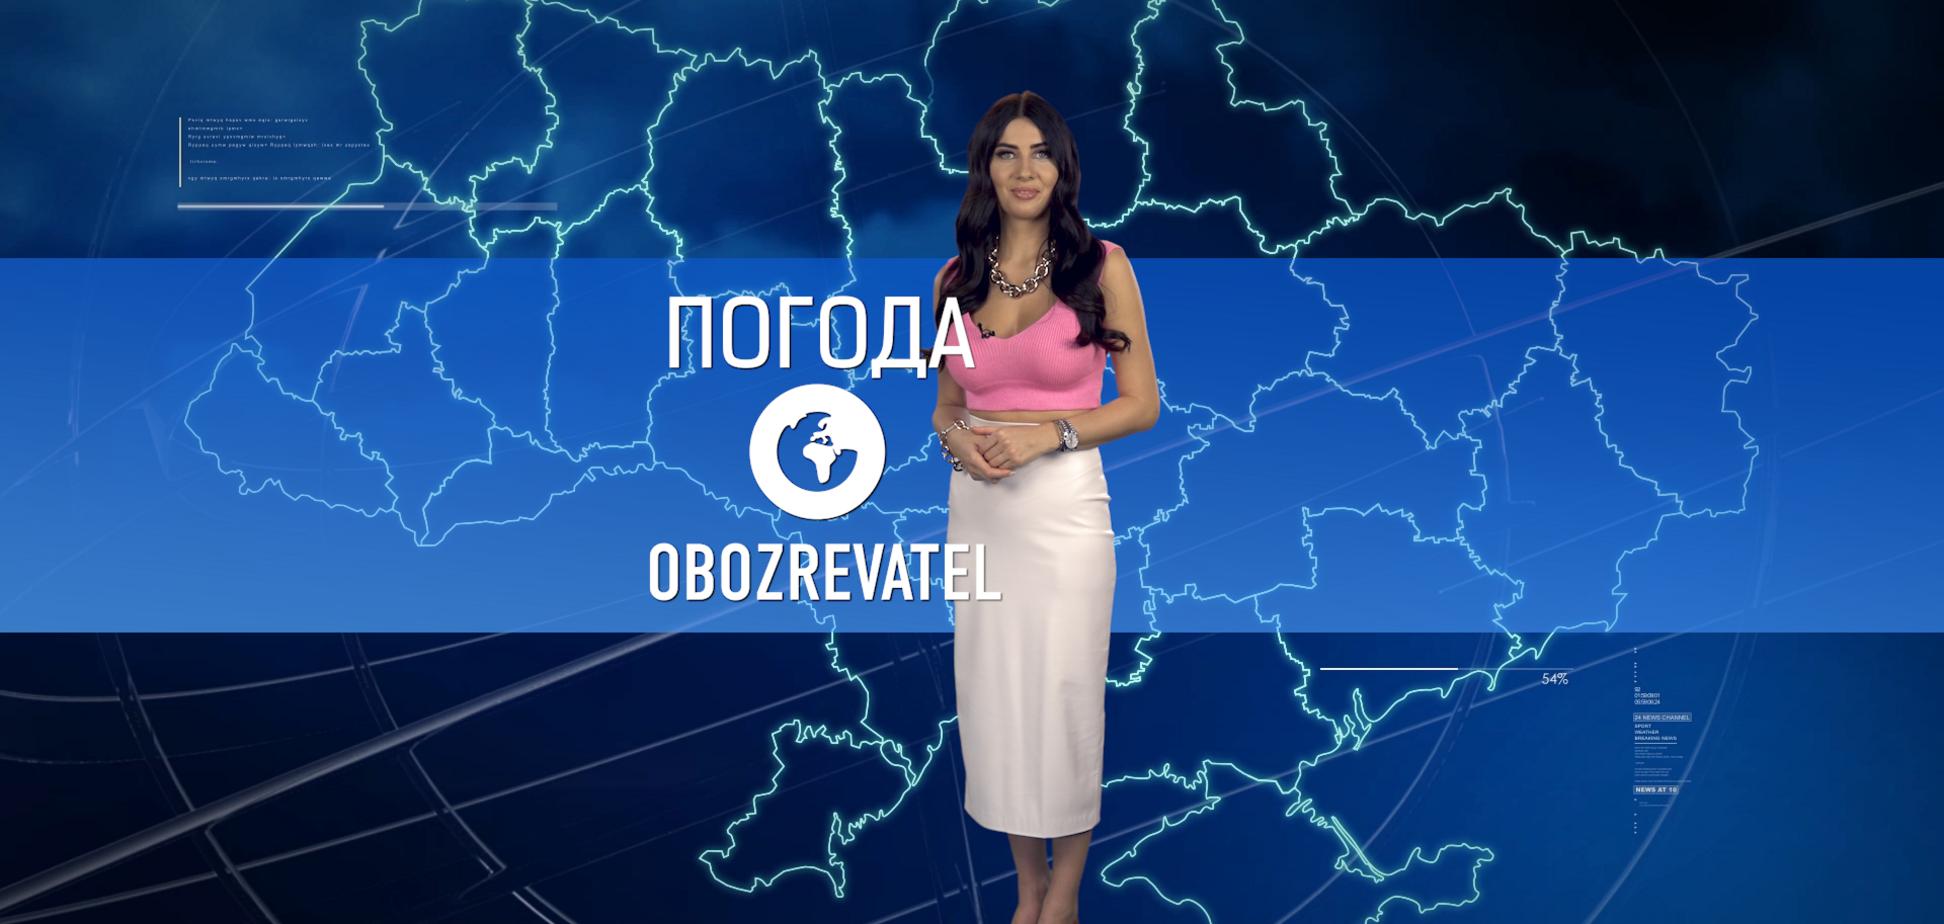 Прогноз погоди в Україні на понеділок 15 березня з Алісою Мярковською